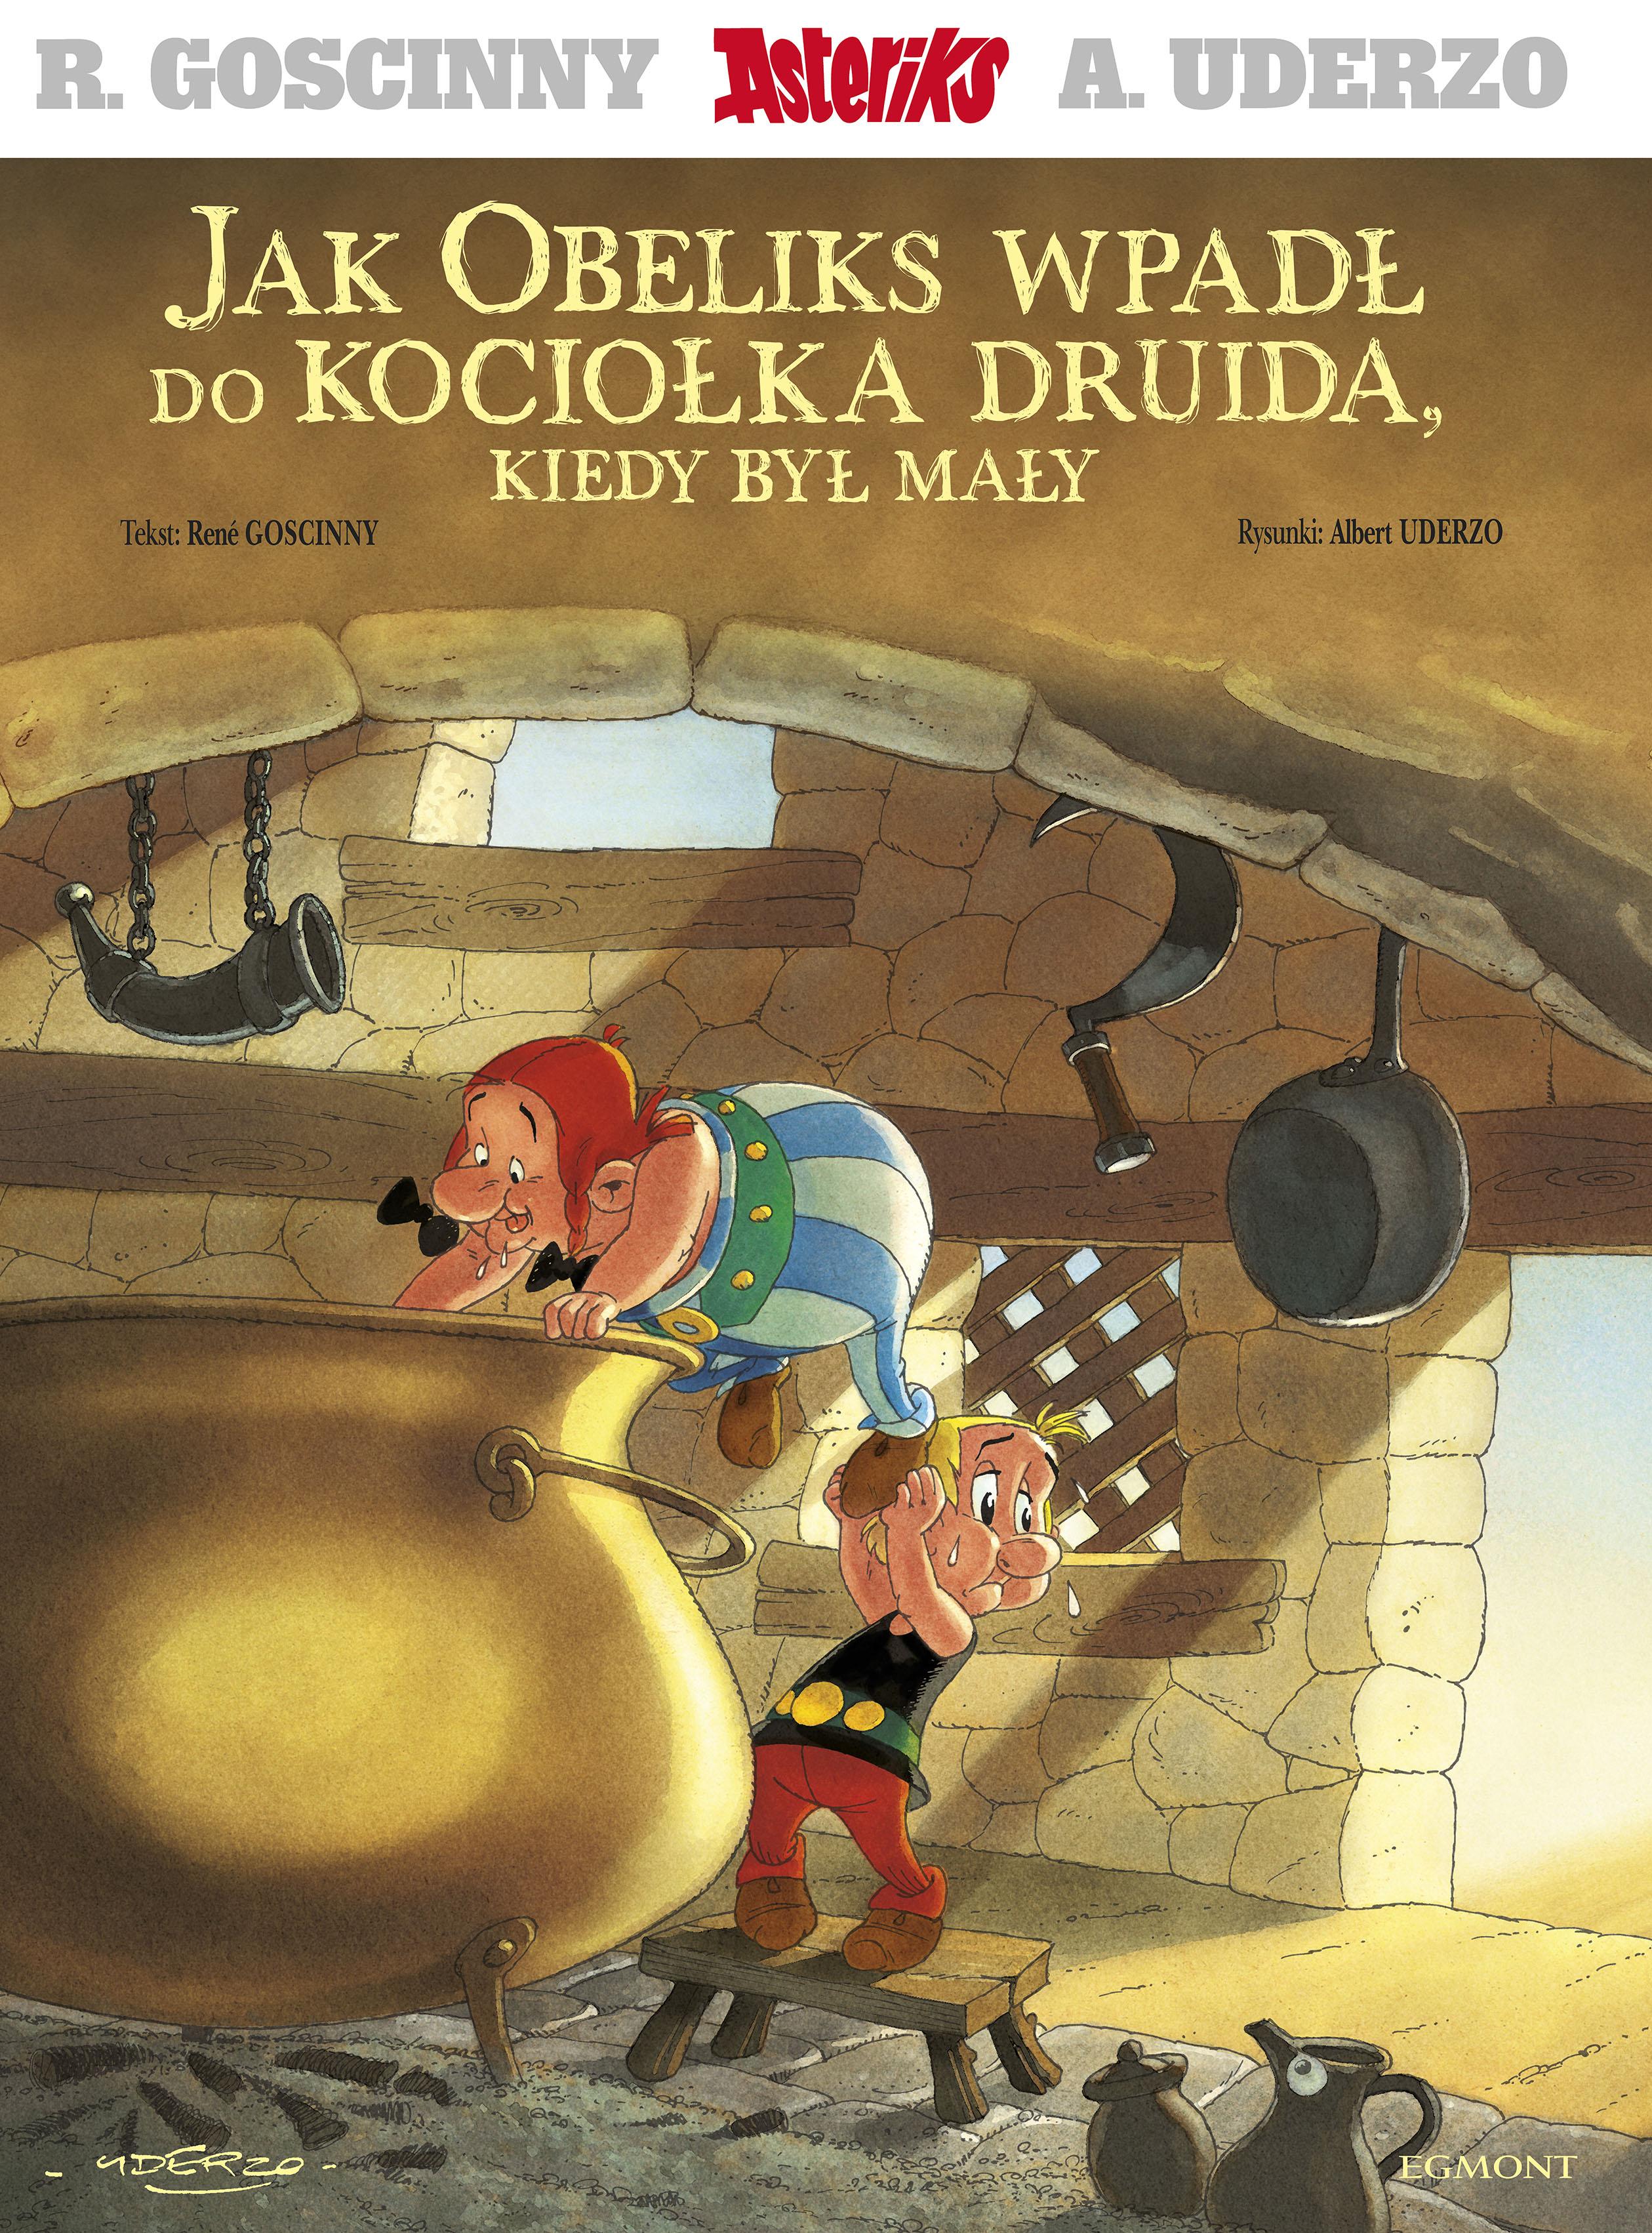 Jak Obeliks wpadł do kociołka druida, kiedy był mały. Asteriks